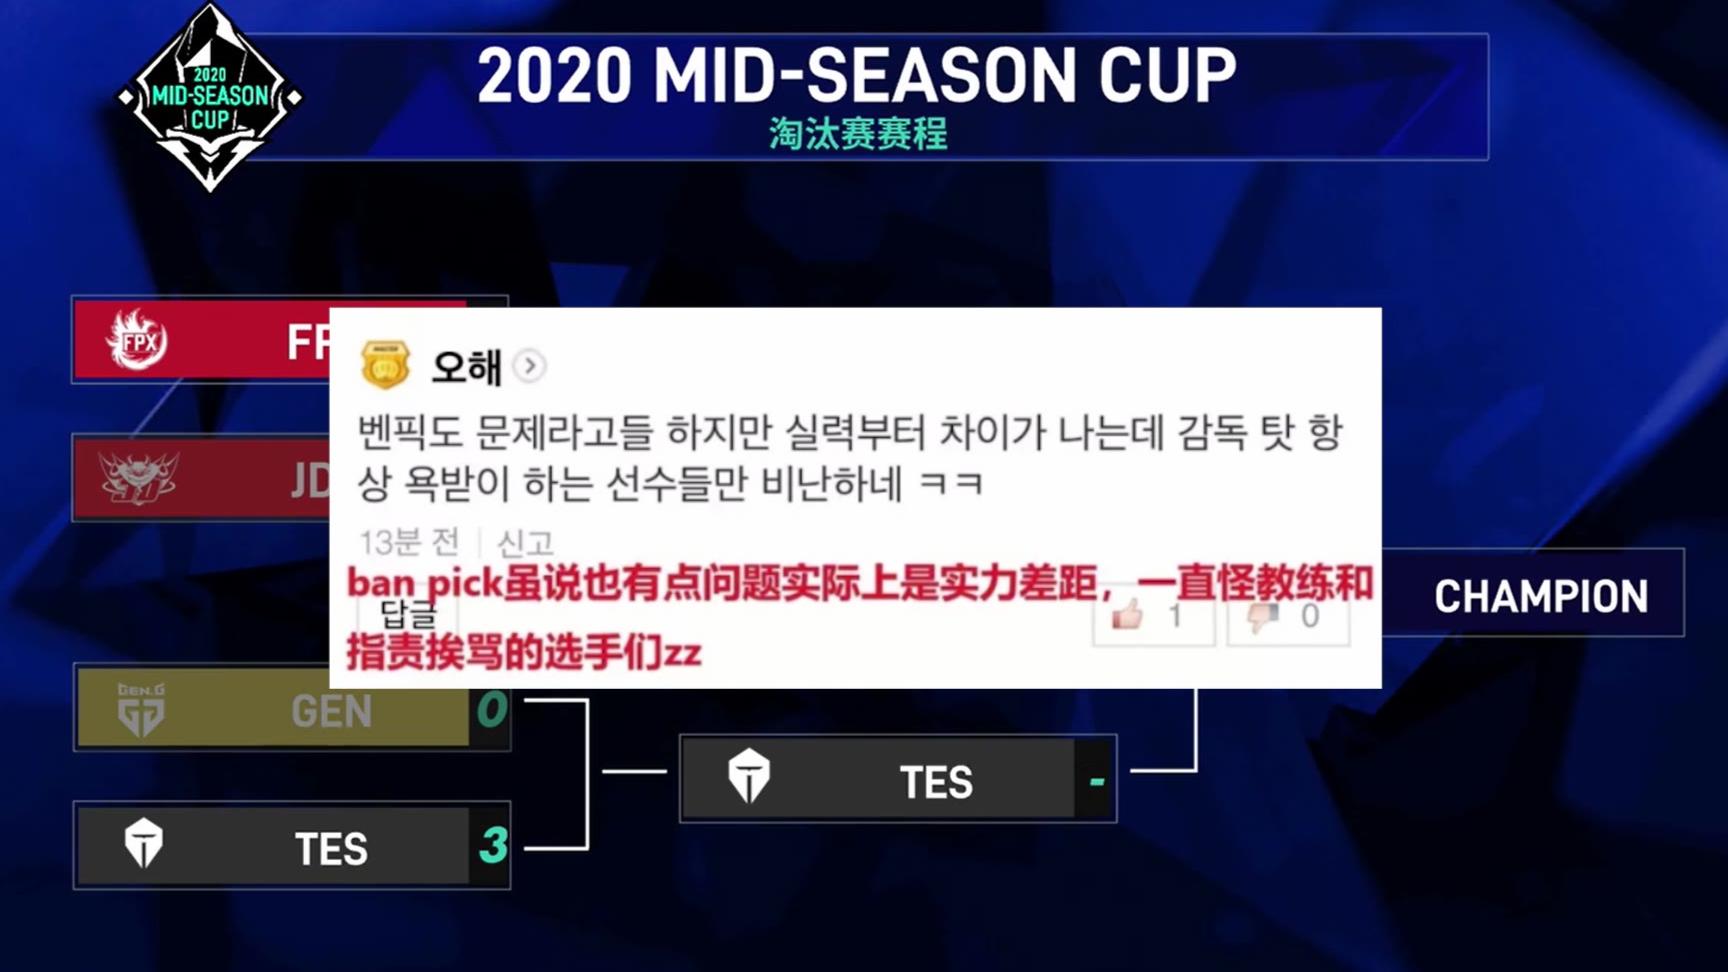 季中杯遭全面压制,韩国网友感叹:LCK如今是真的不如LPL了